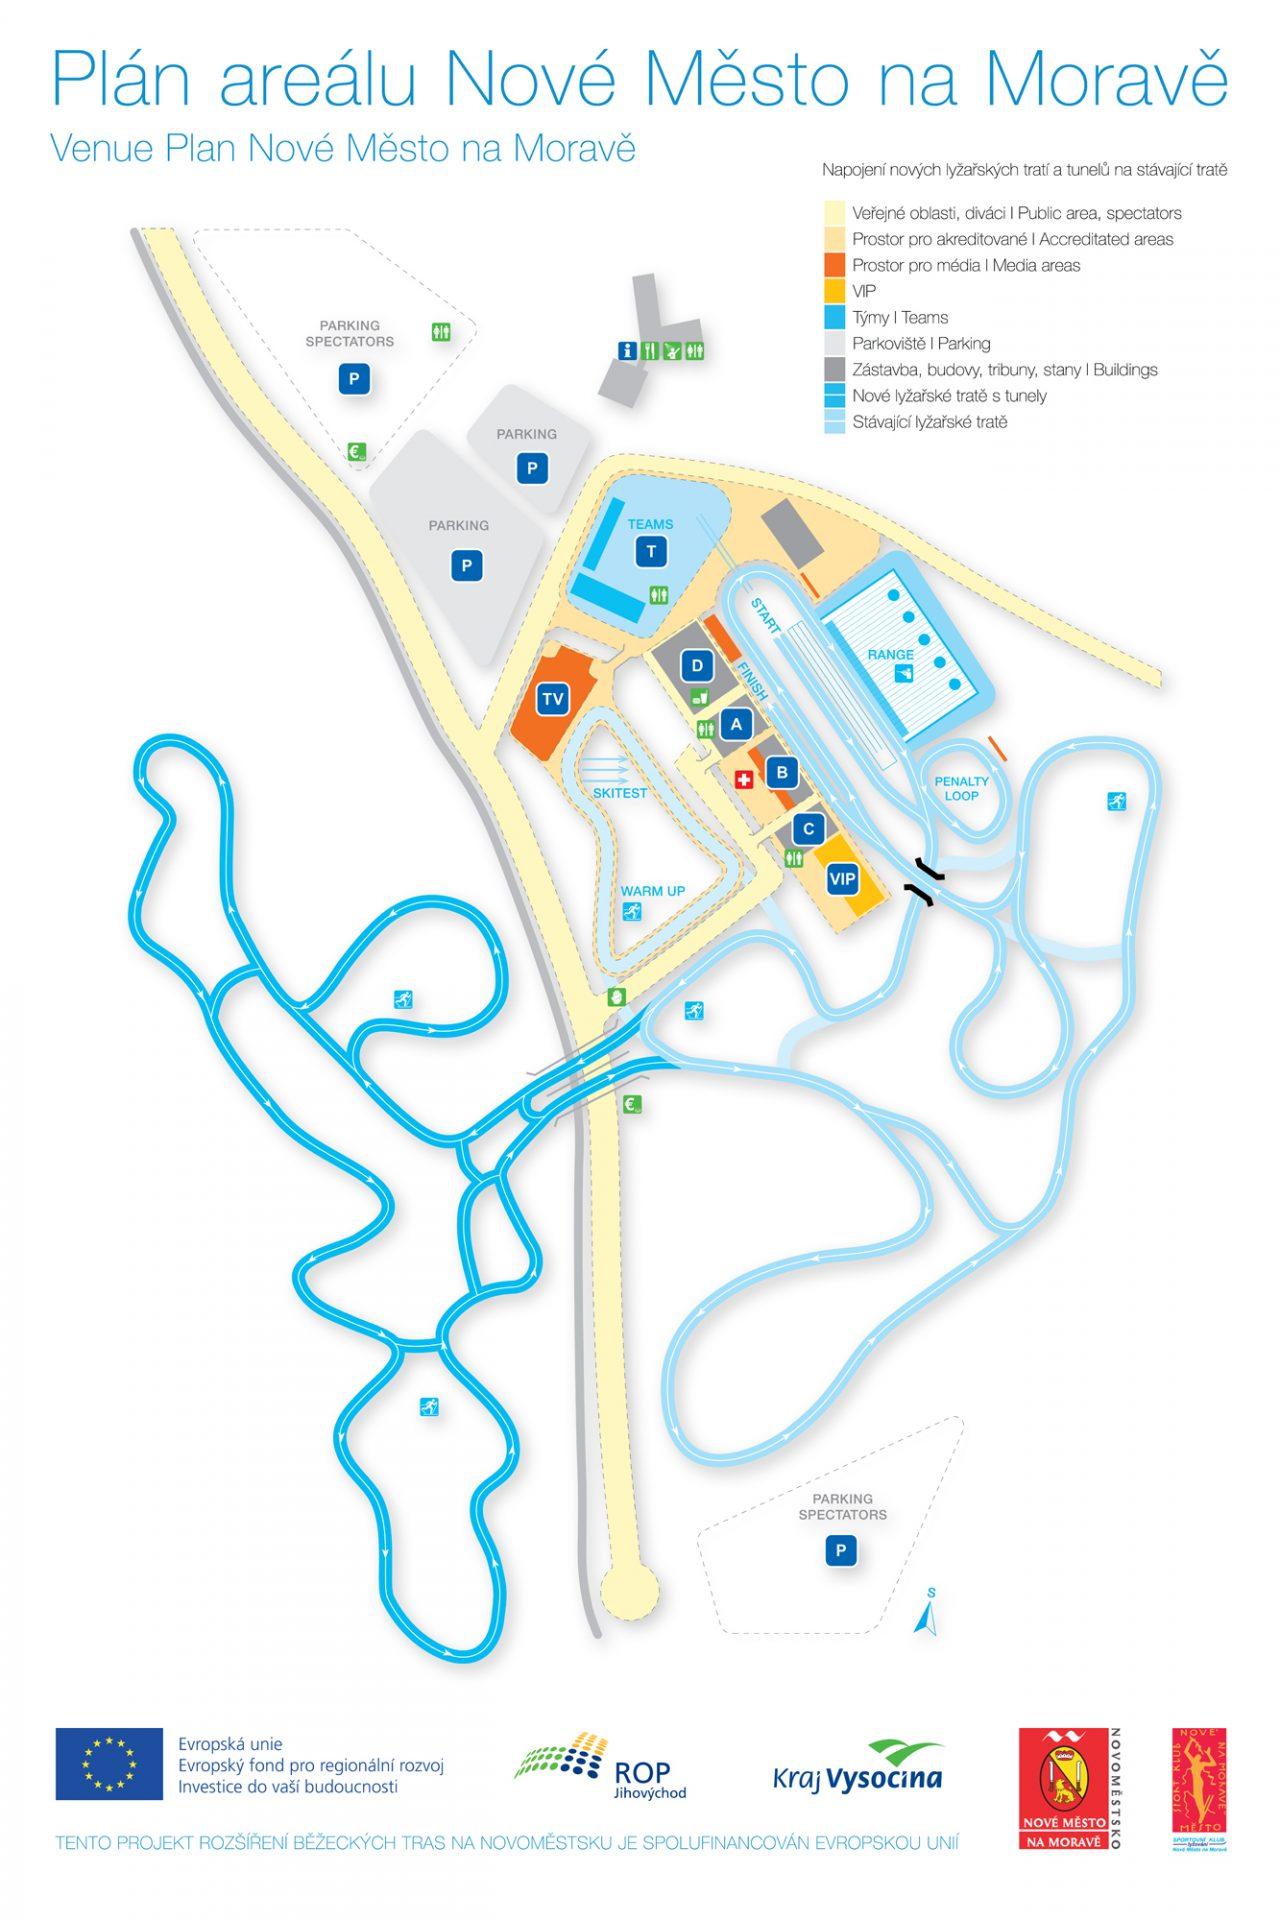 Plán areálu Nové Město na Moravě